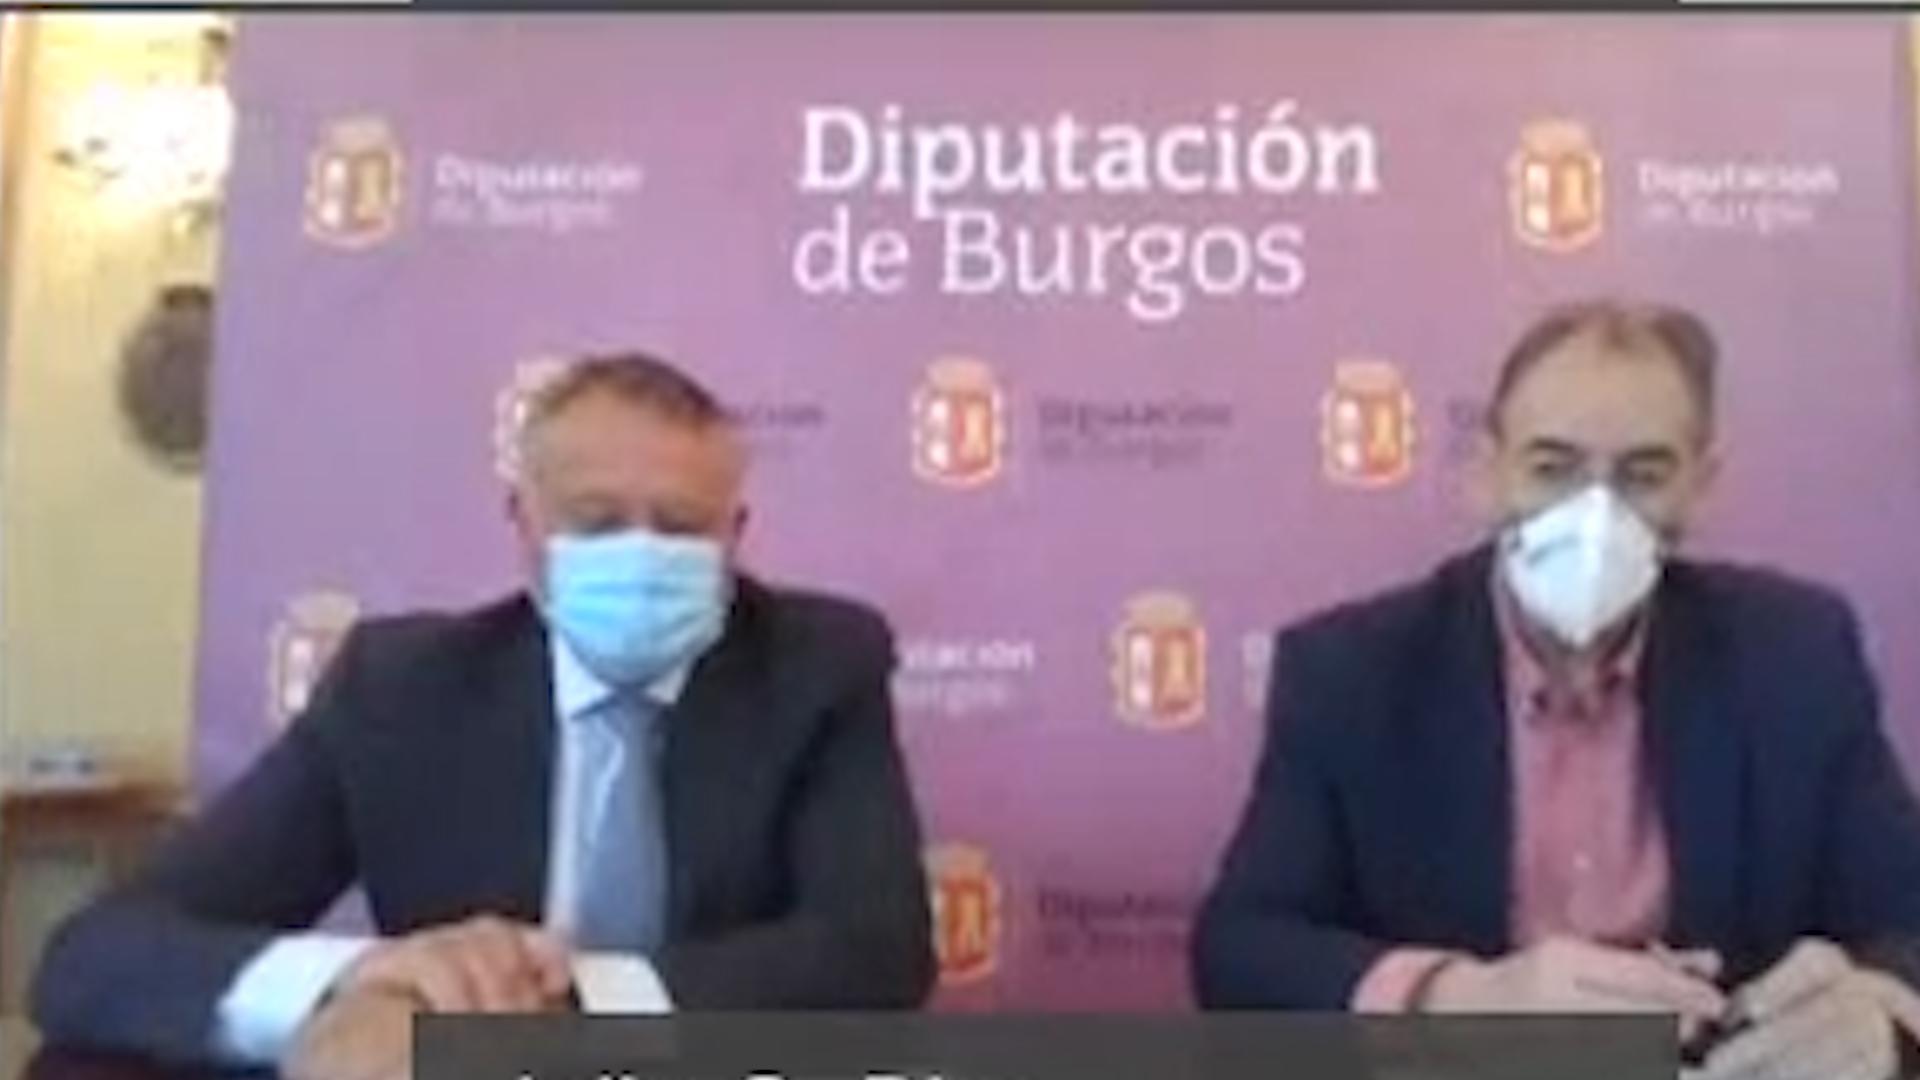 Sodebur y FAE Burgos fomentan la digitalización de las empresas rurales para la reactivación económica